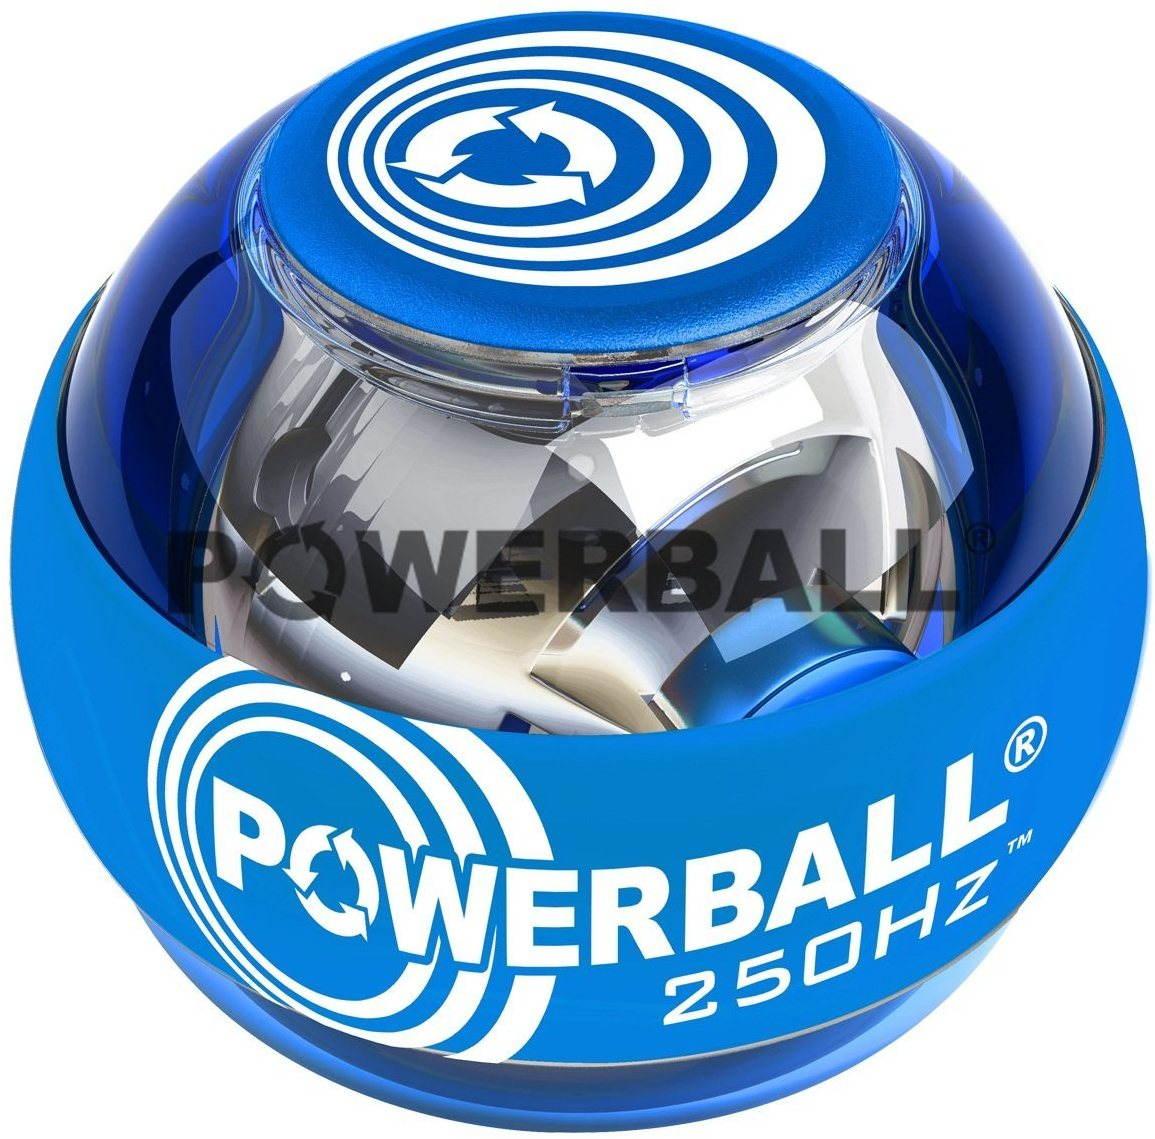 Powerball Powerball 250Hz Blue - modrý